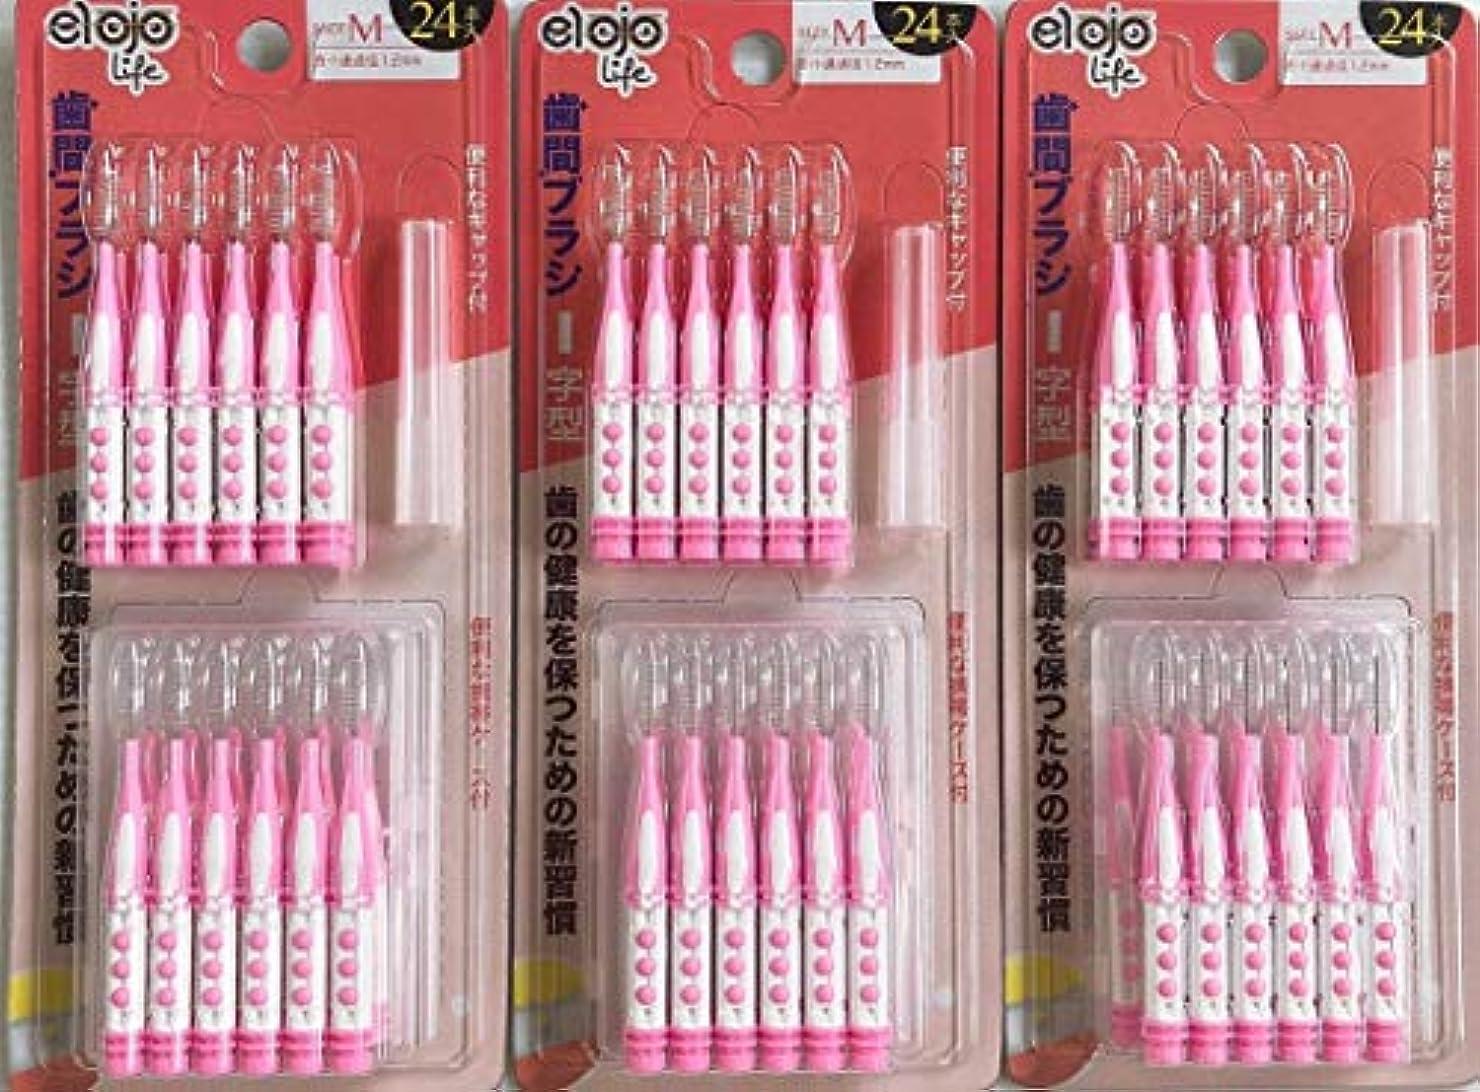 含めるアーティファクト深さelojo Life 歯間ブラシ〈 I字型 〉Mサイズ (72本) 【送料無料】